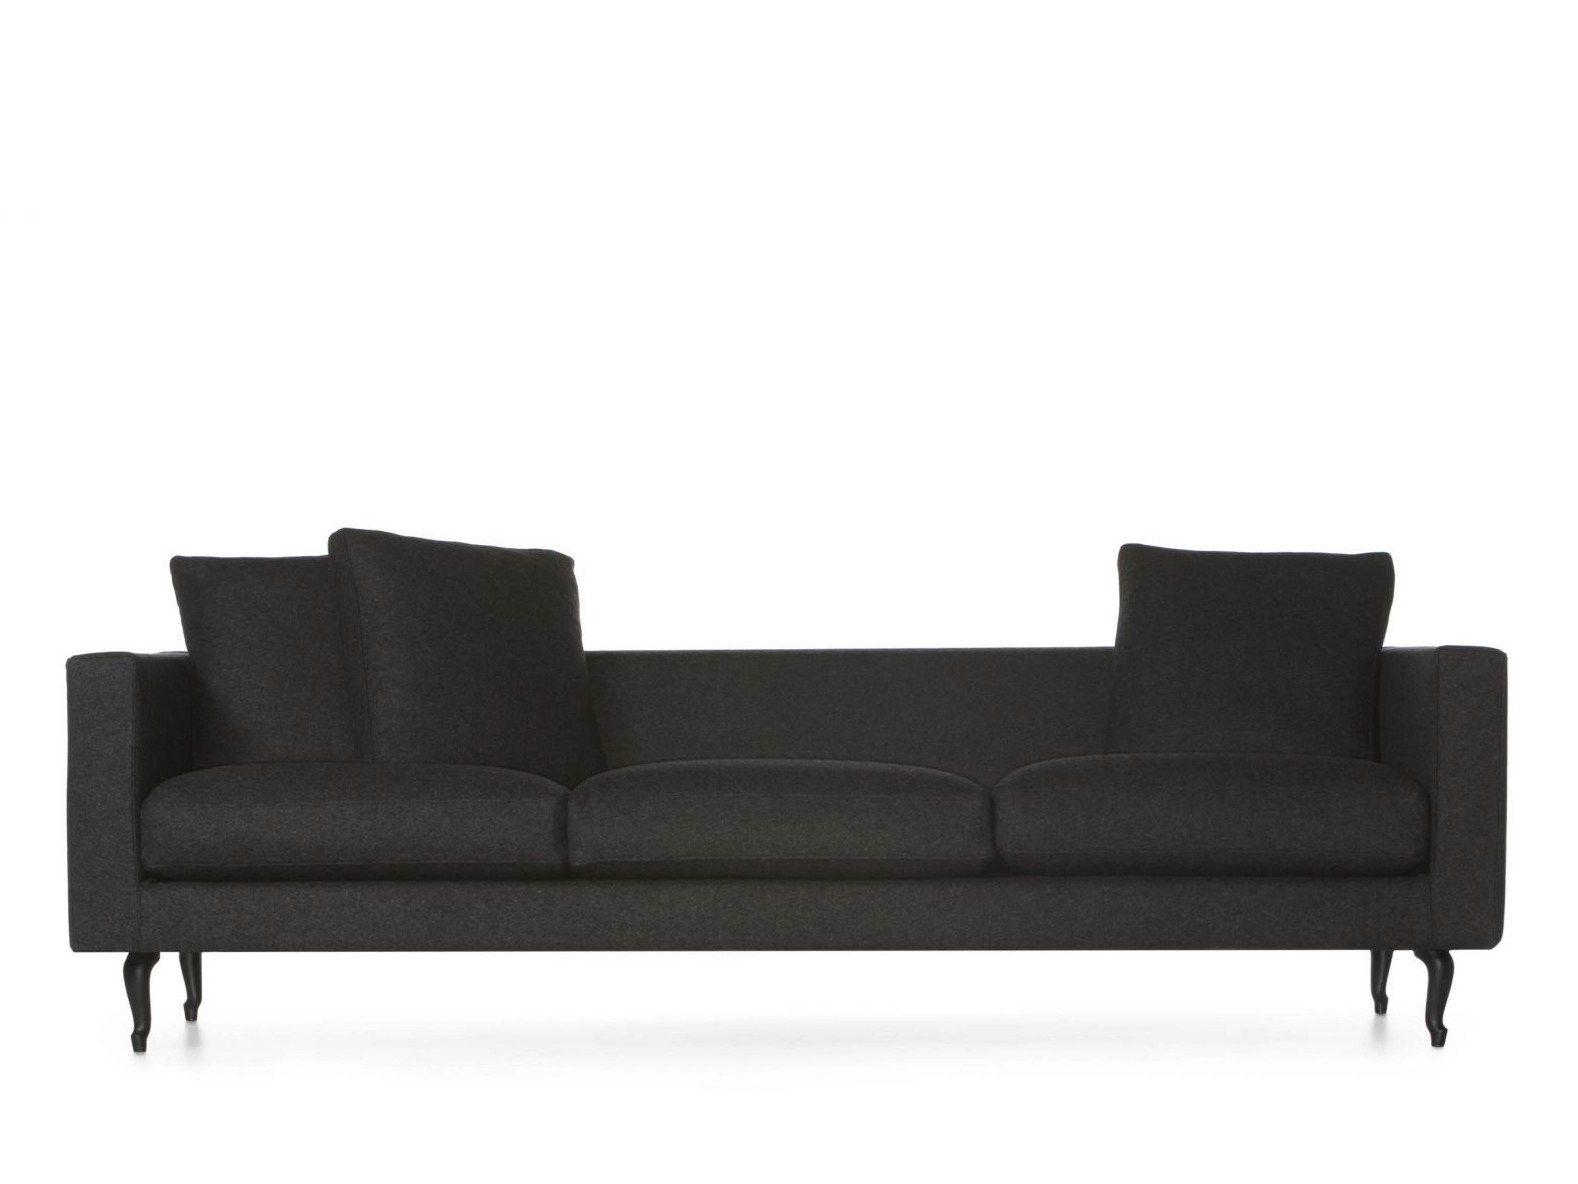 canap avec rembourrage ignifuge boutique chameleon divina melange 180 collection boutique by. Black Bedroom Furniture Sets. Home Design Ideas